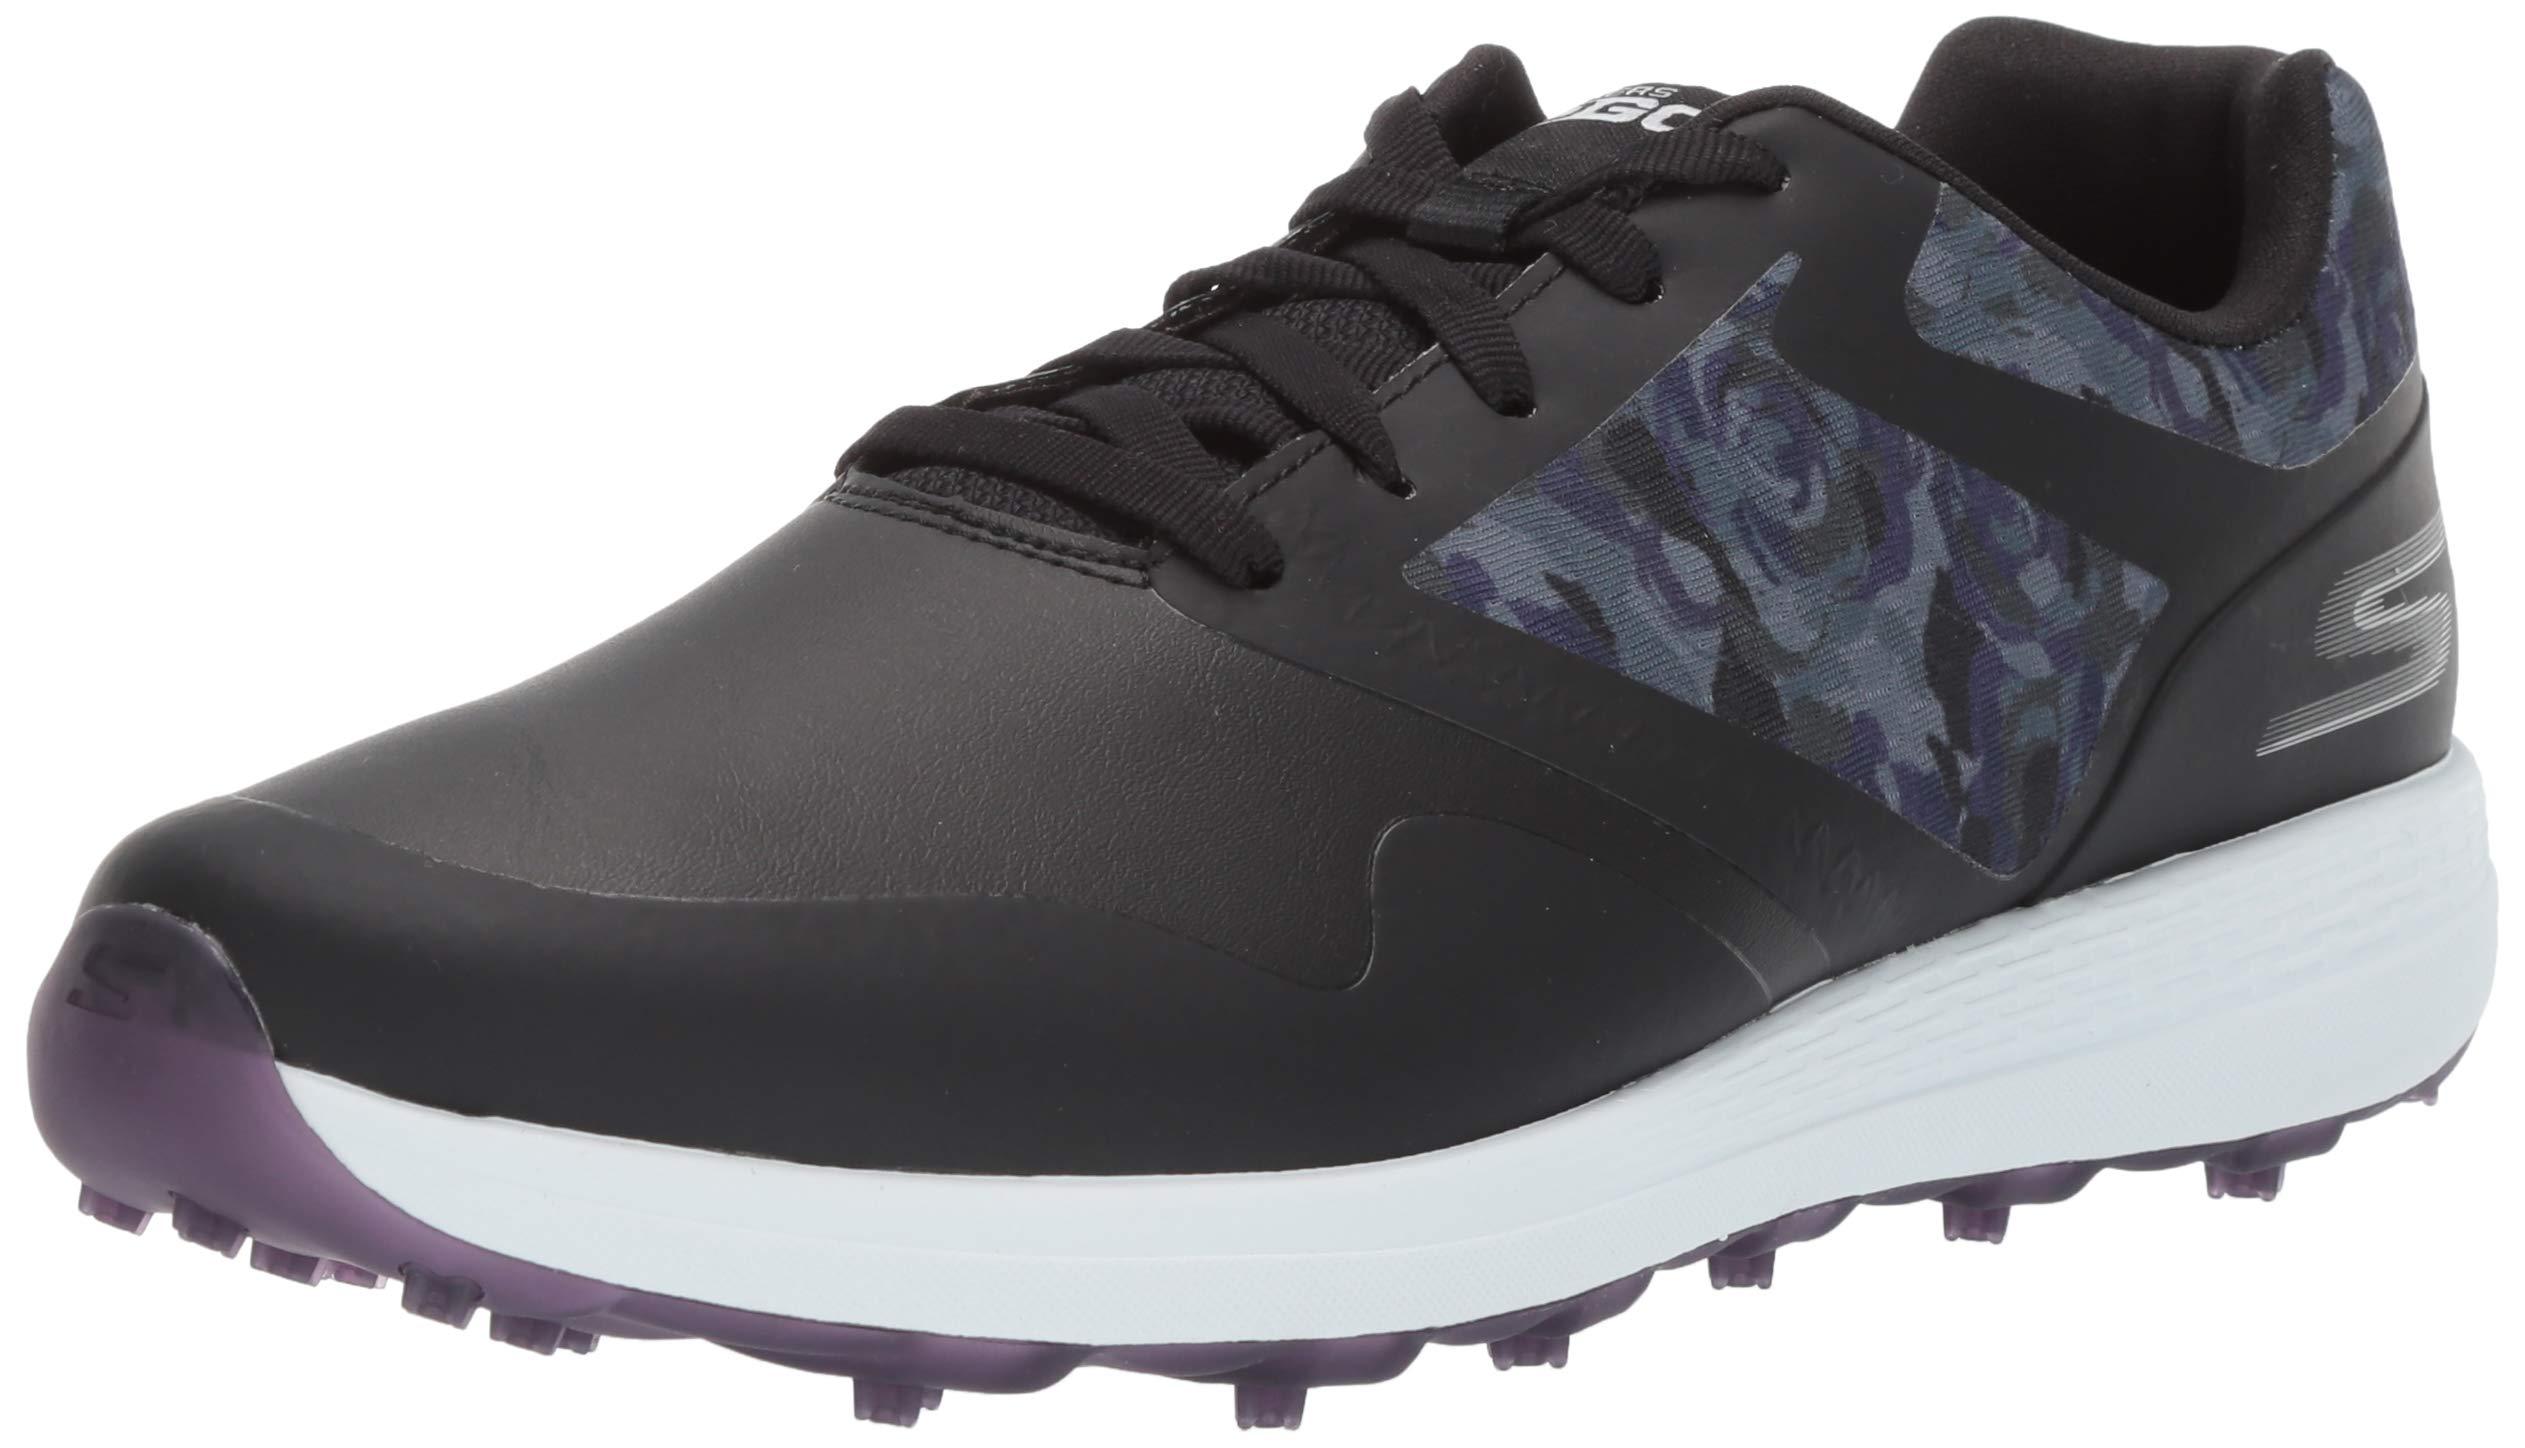 Skechers Women's Max Golf Shoe, Black/Purple 5.5 M US